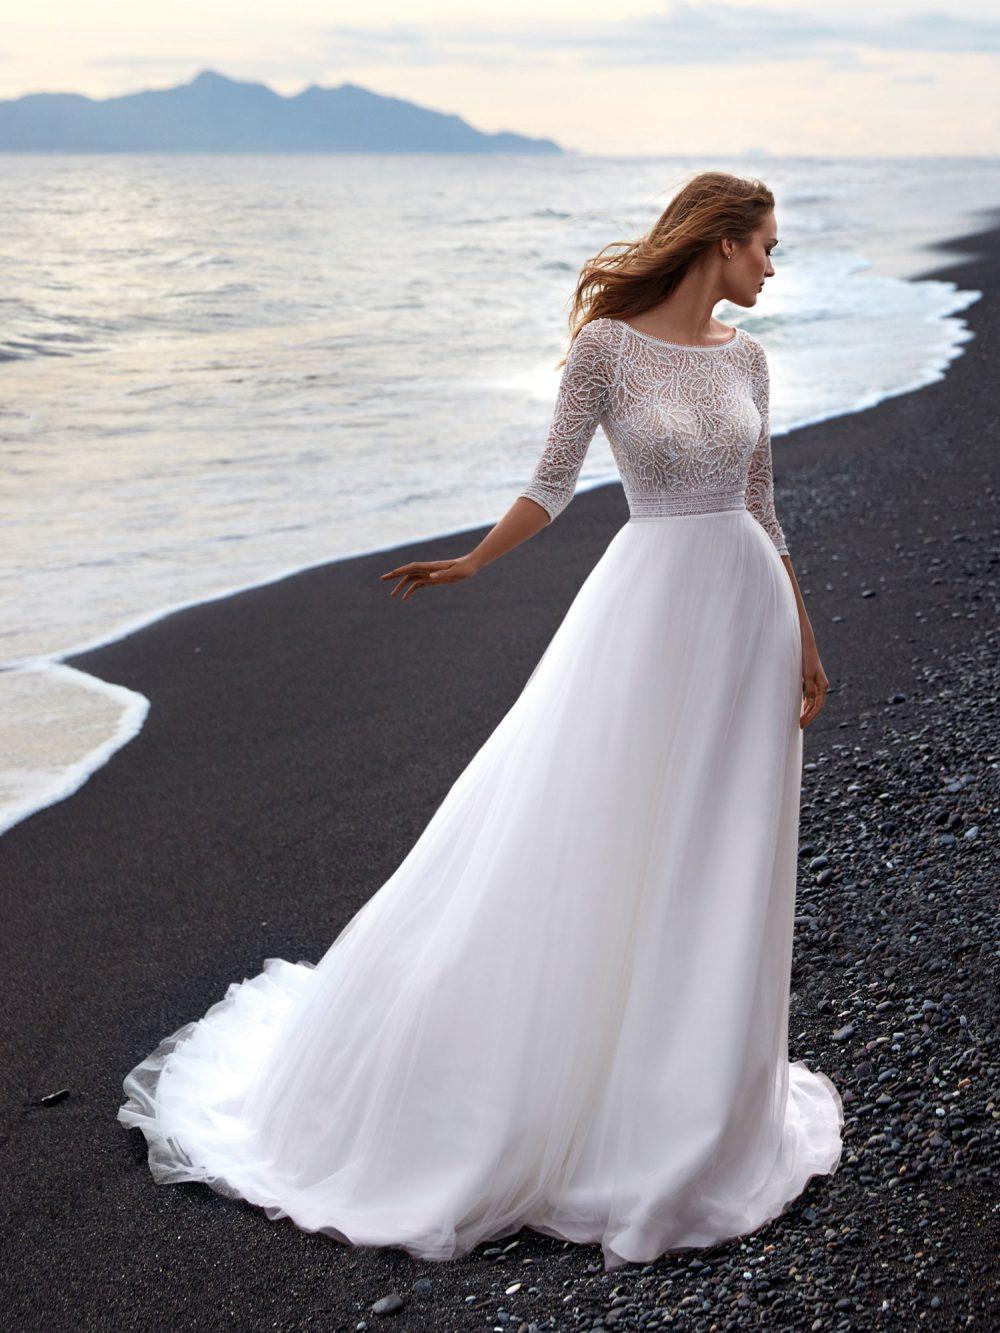 Nicole 2022 abito vestito sposa Vicenza ISIDE